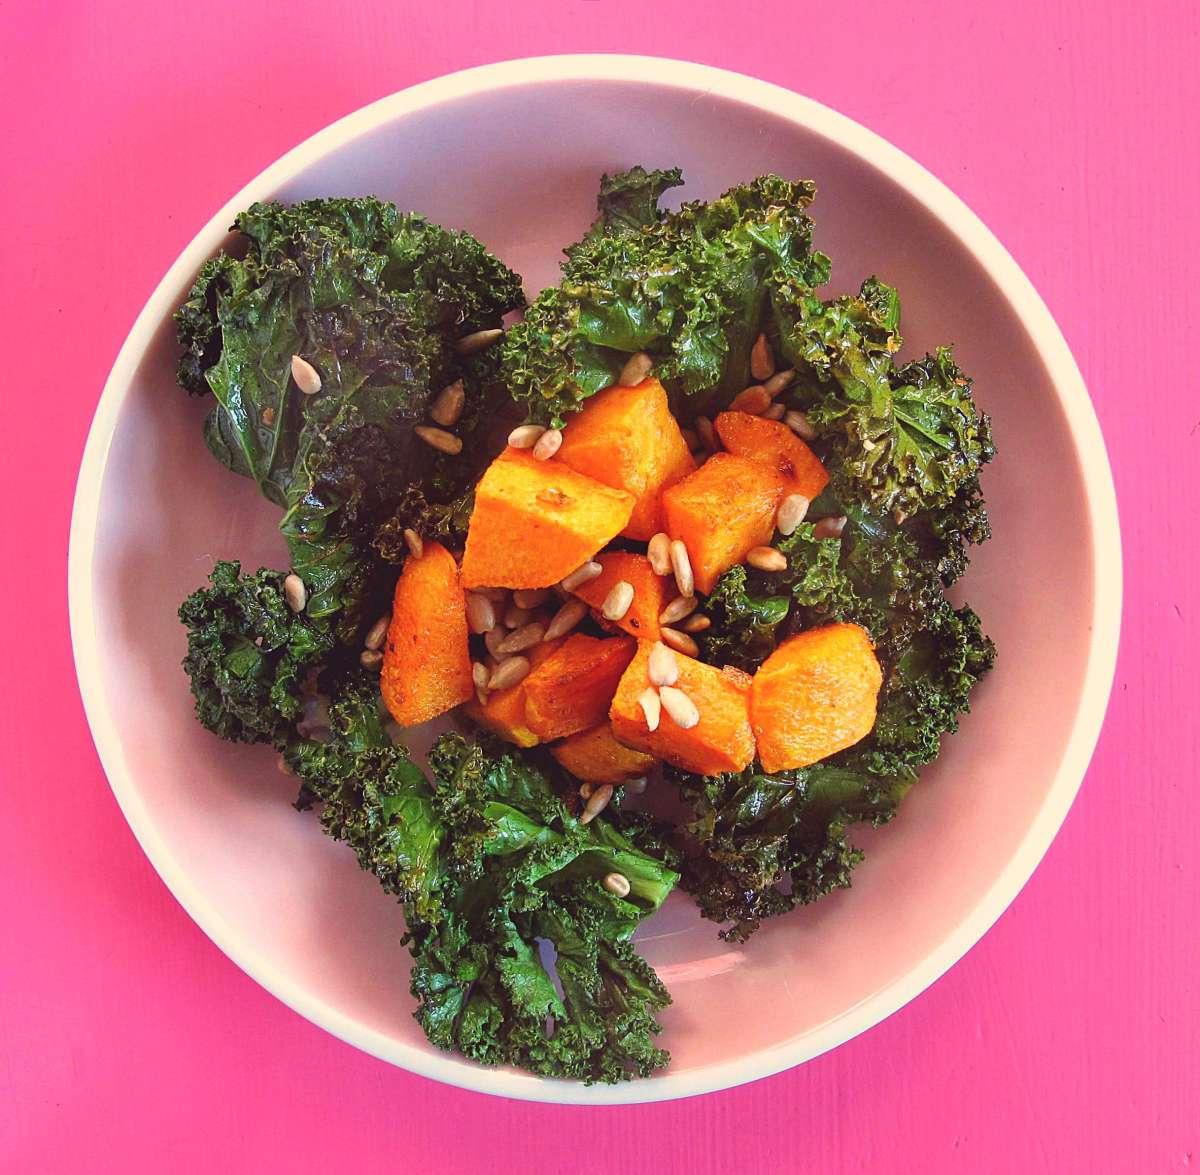 kale-salat kale-salad ayurveda-salat glowbowl copyright by julia wunderlich